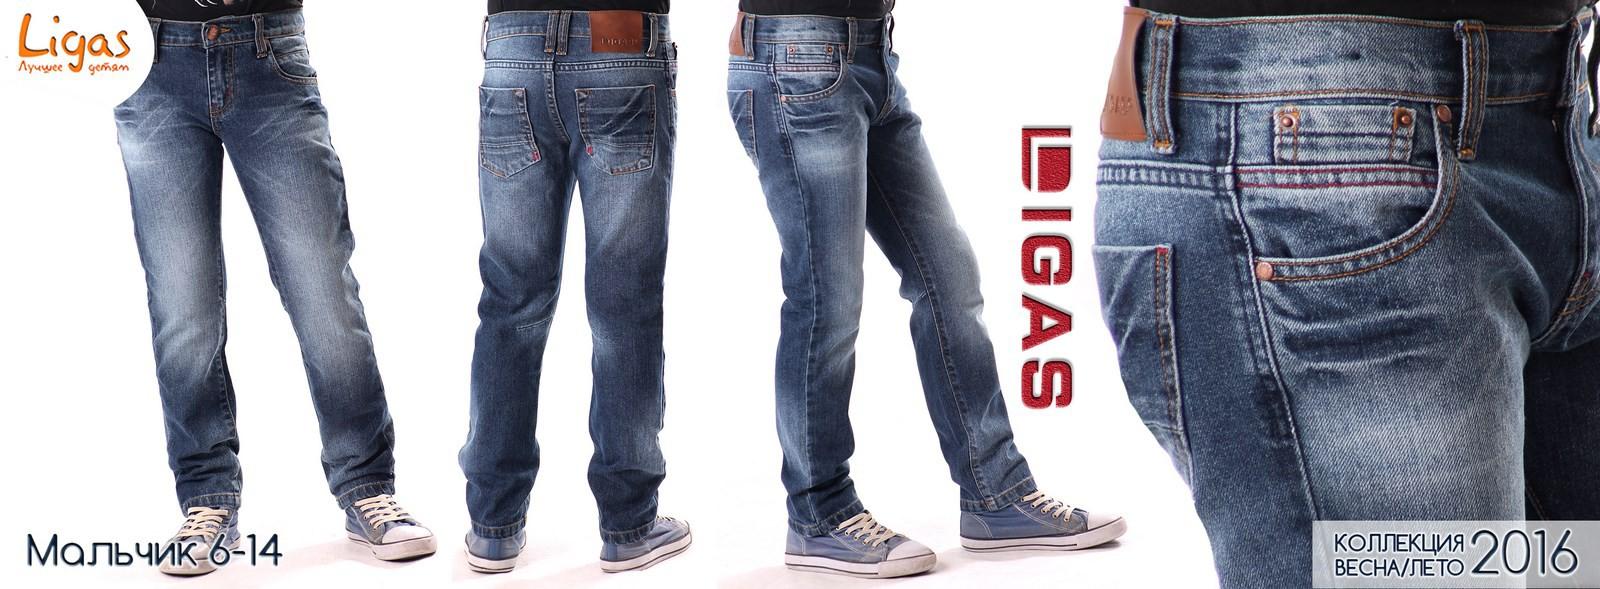 Сбор заказов-17. Распродажа коллекции прошлого года детской джинсовой и вельветовой одежды ТМ Ligas, Fabex, Republik